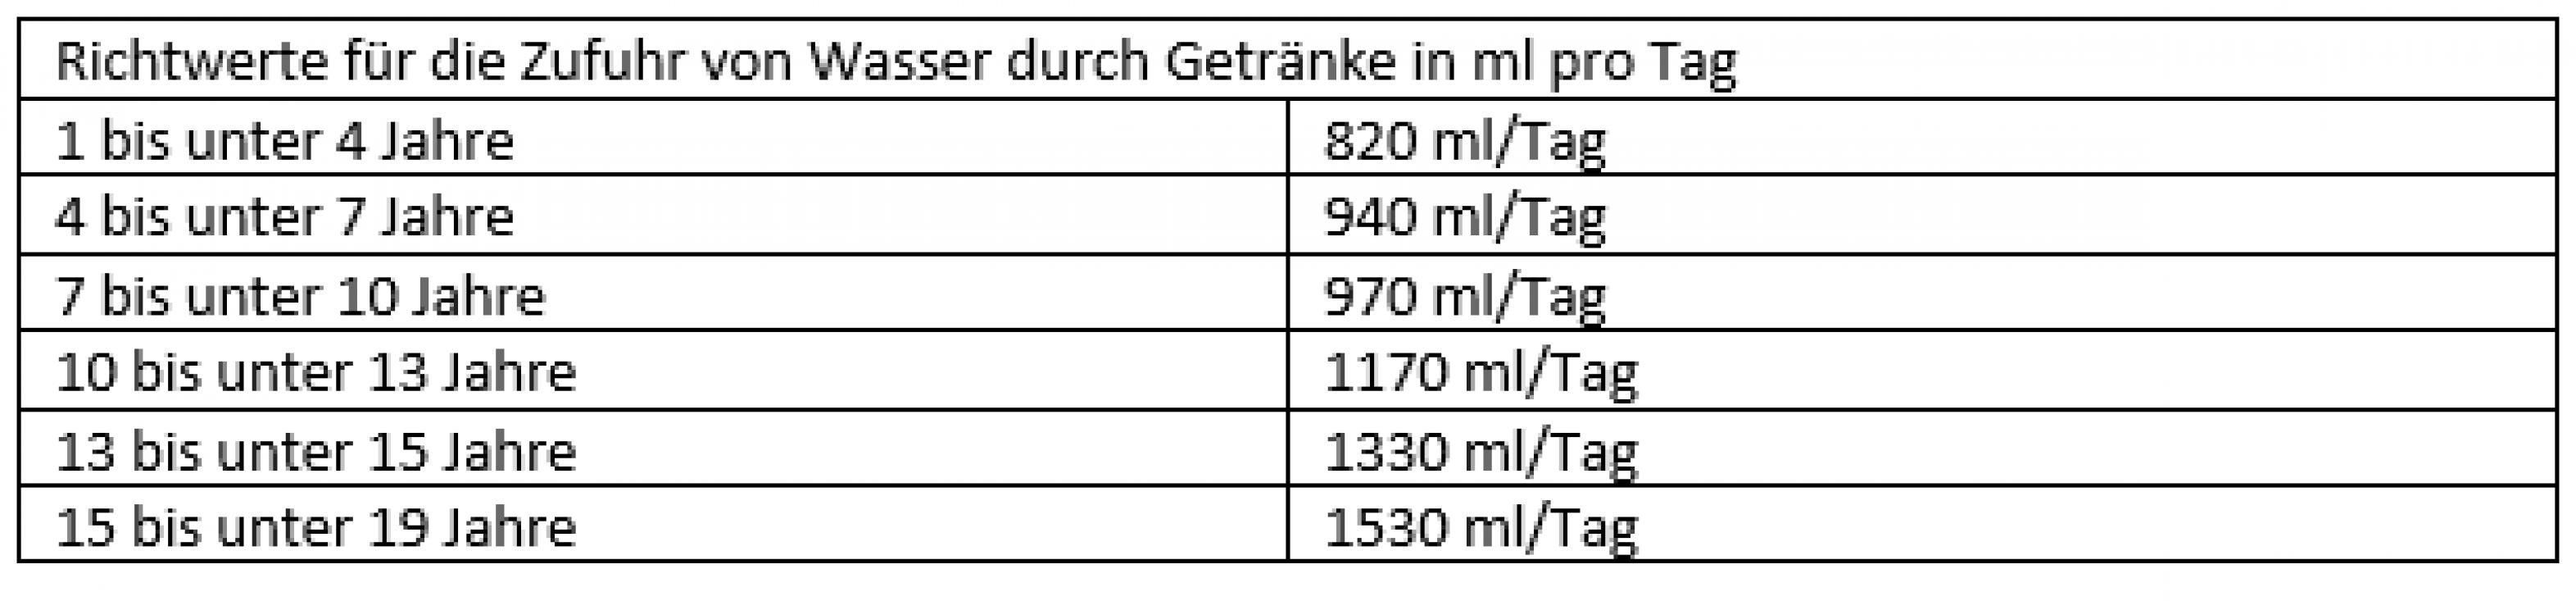 Tabelle Richtzufuhr von Wasser durch Getränke